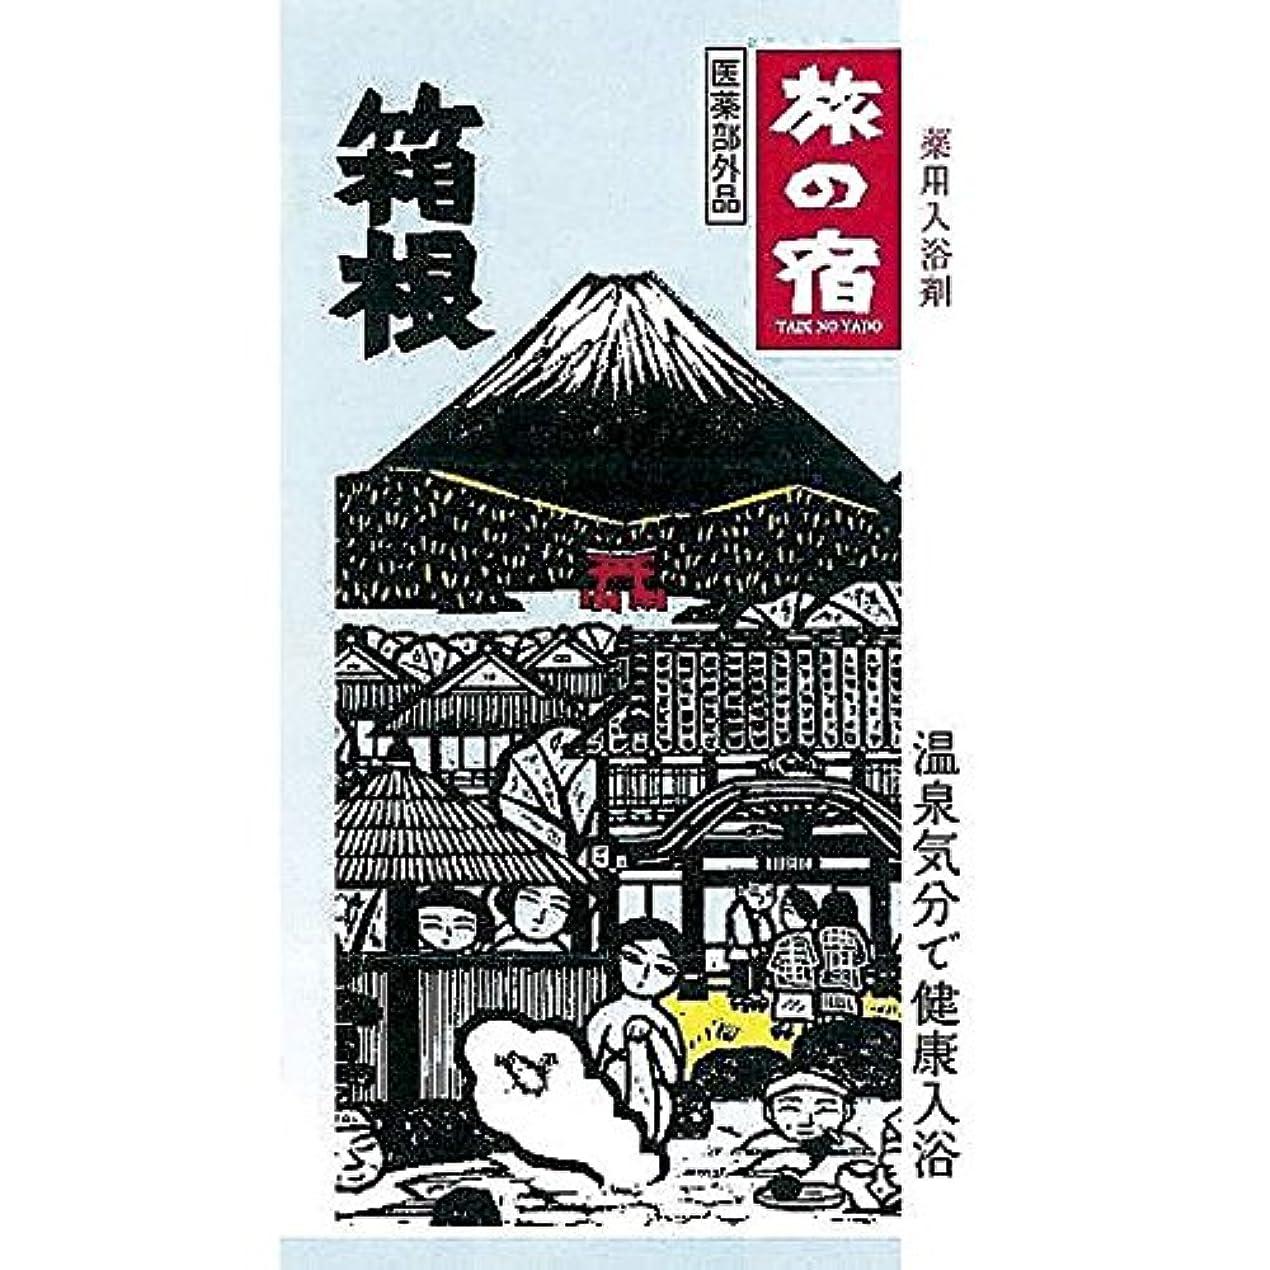 汚れた掘る手のひらクラシエ 旅の宿 分包(1P) 箱根 80686 (B525-06)